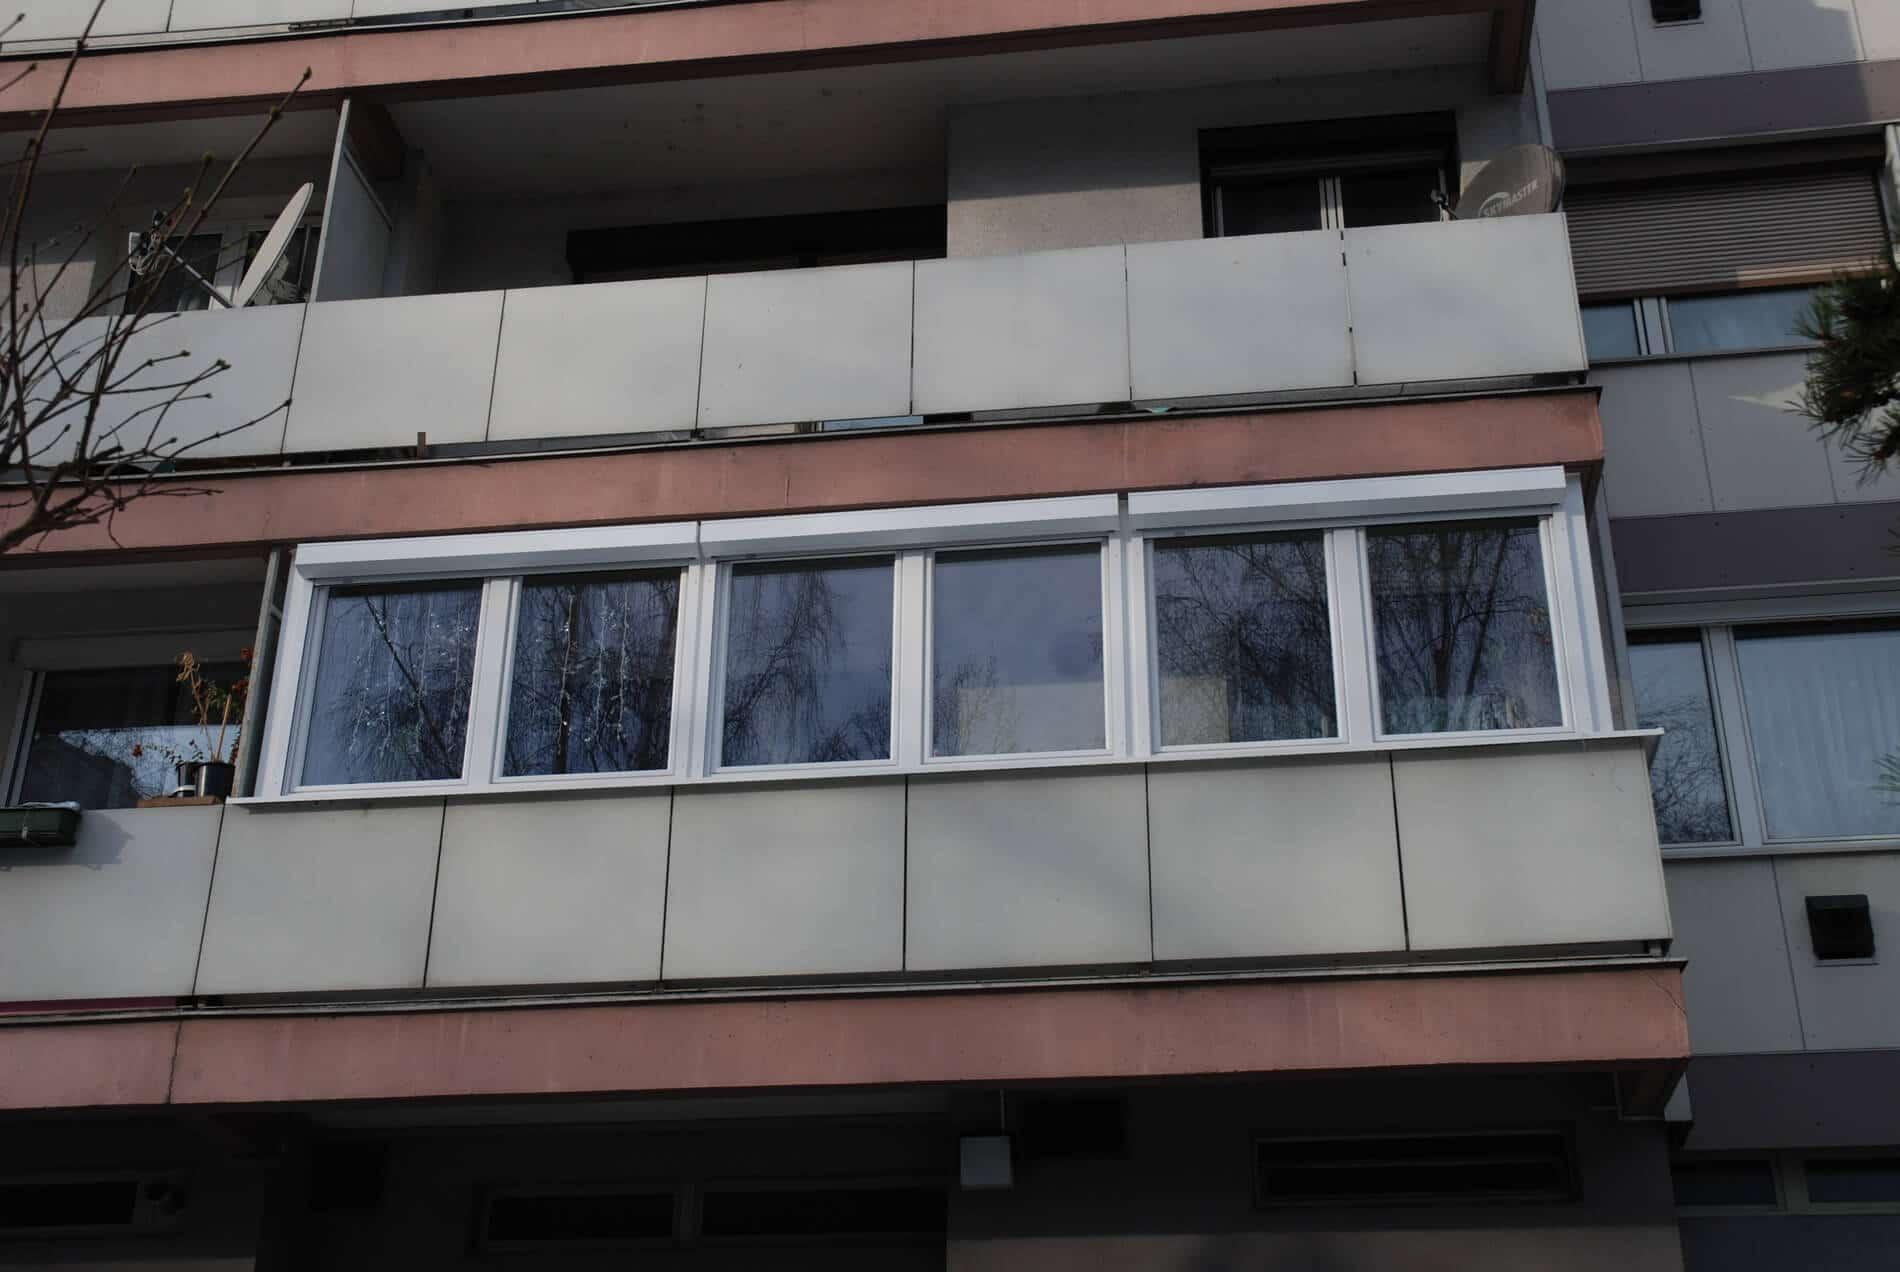 Verglasung Balkon Schallschutz